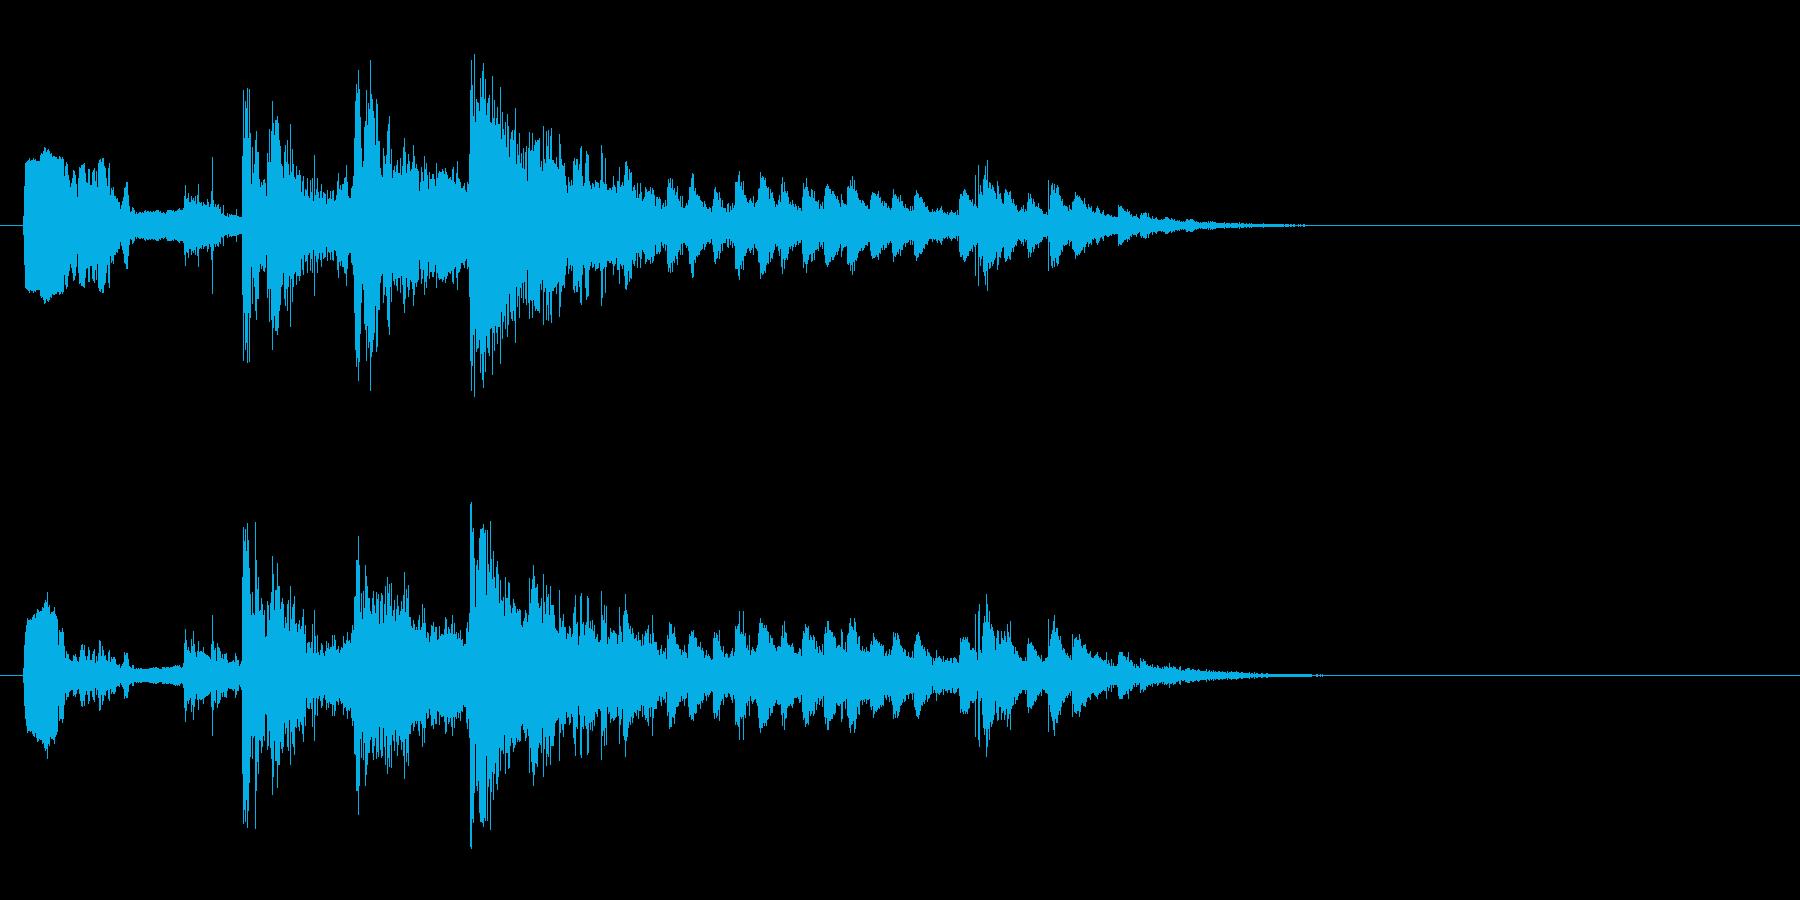 サウンドエフェクトクライマックスミ...の再生済みの波形